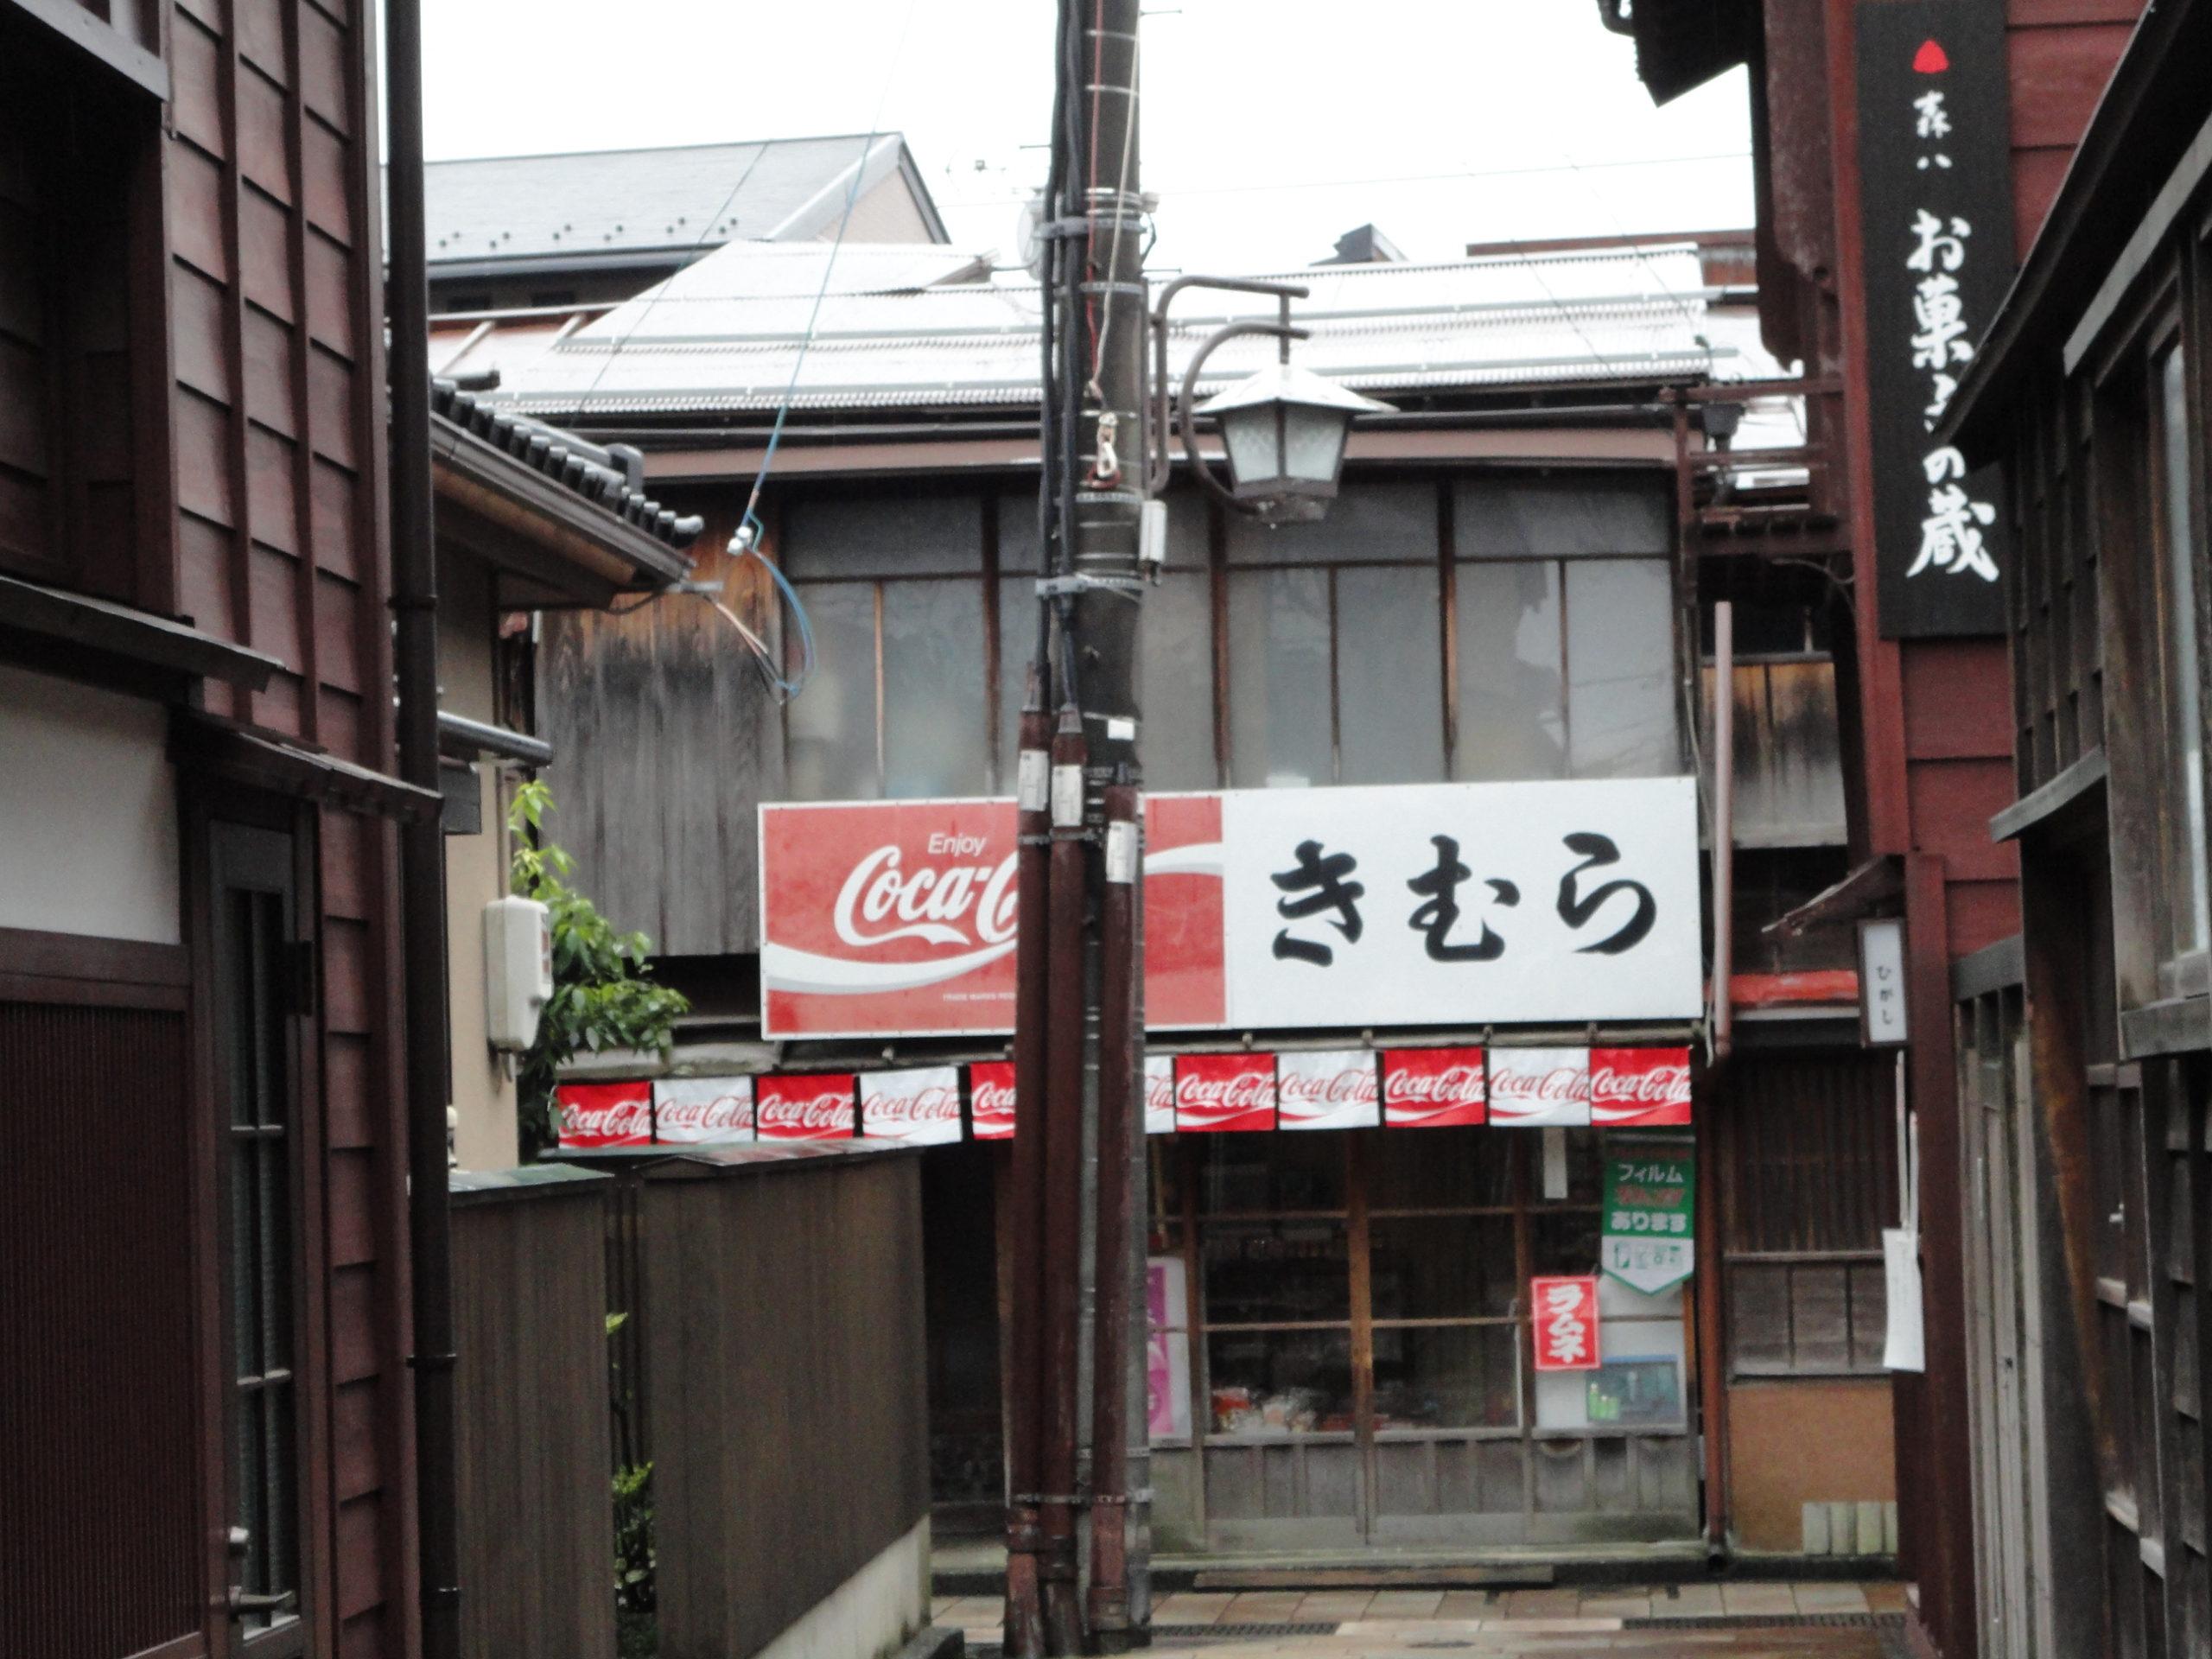 コカ・コーラ+店舗看板